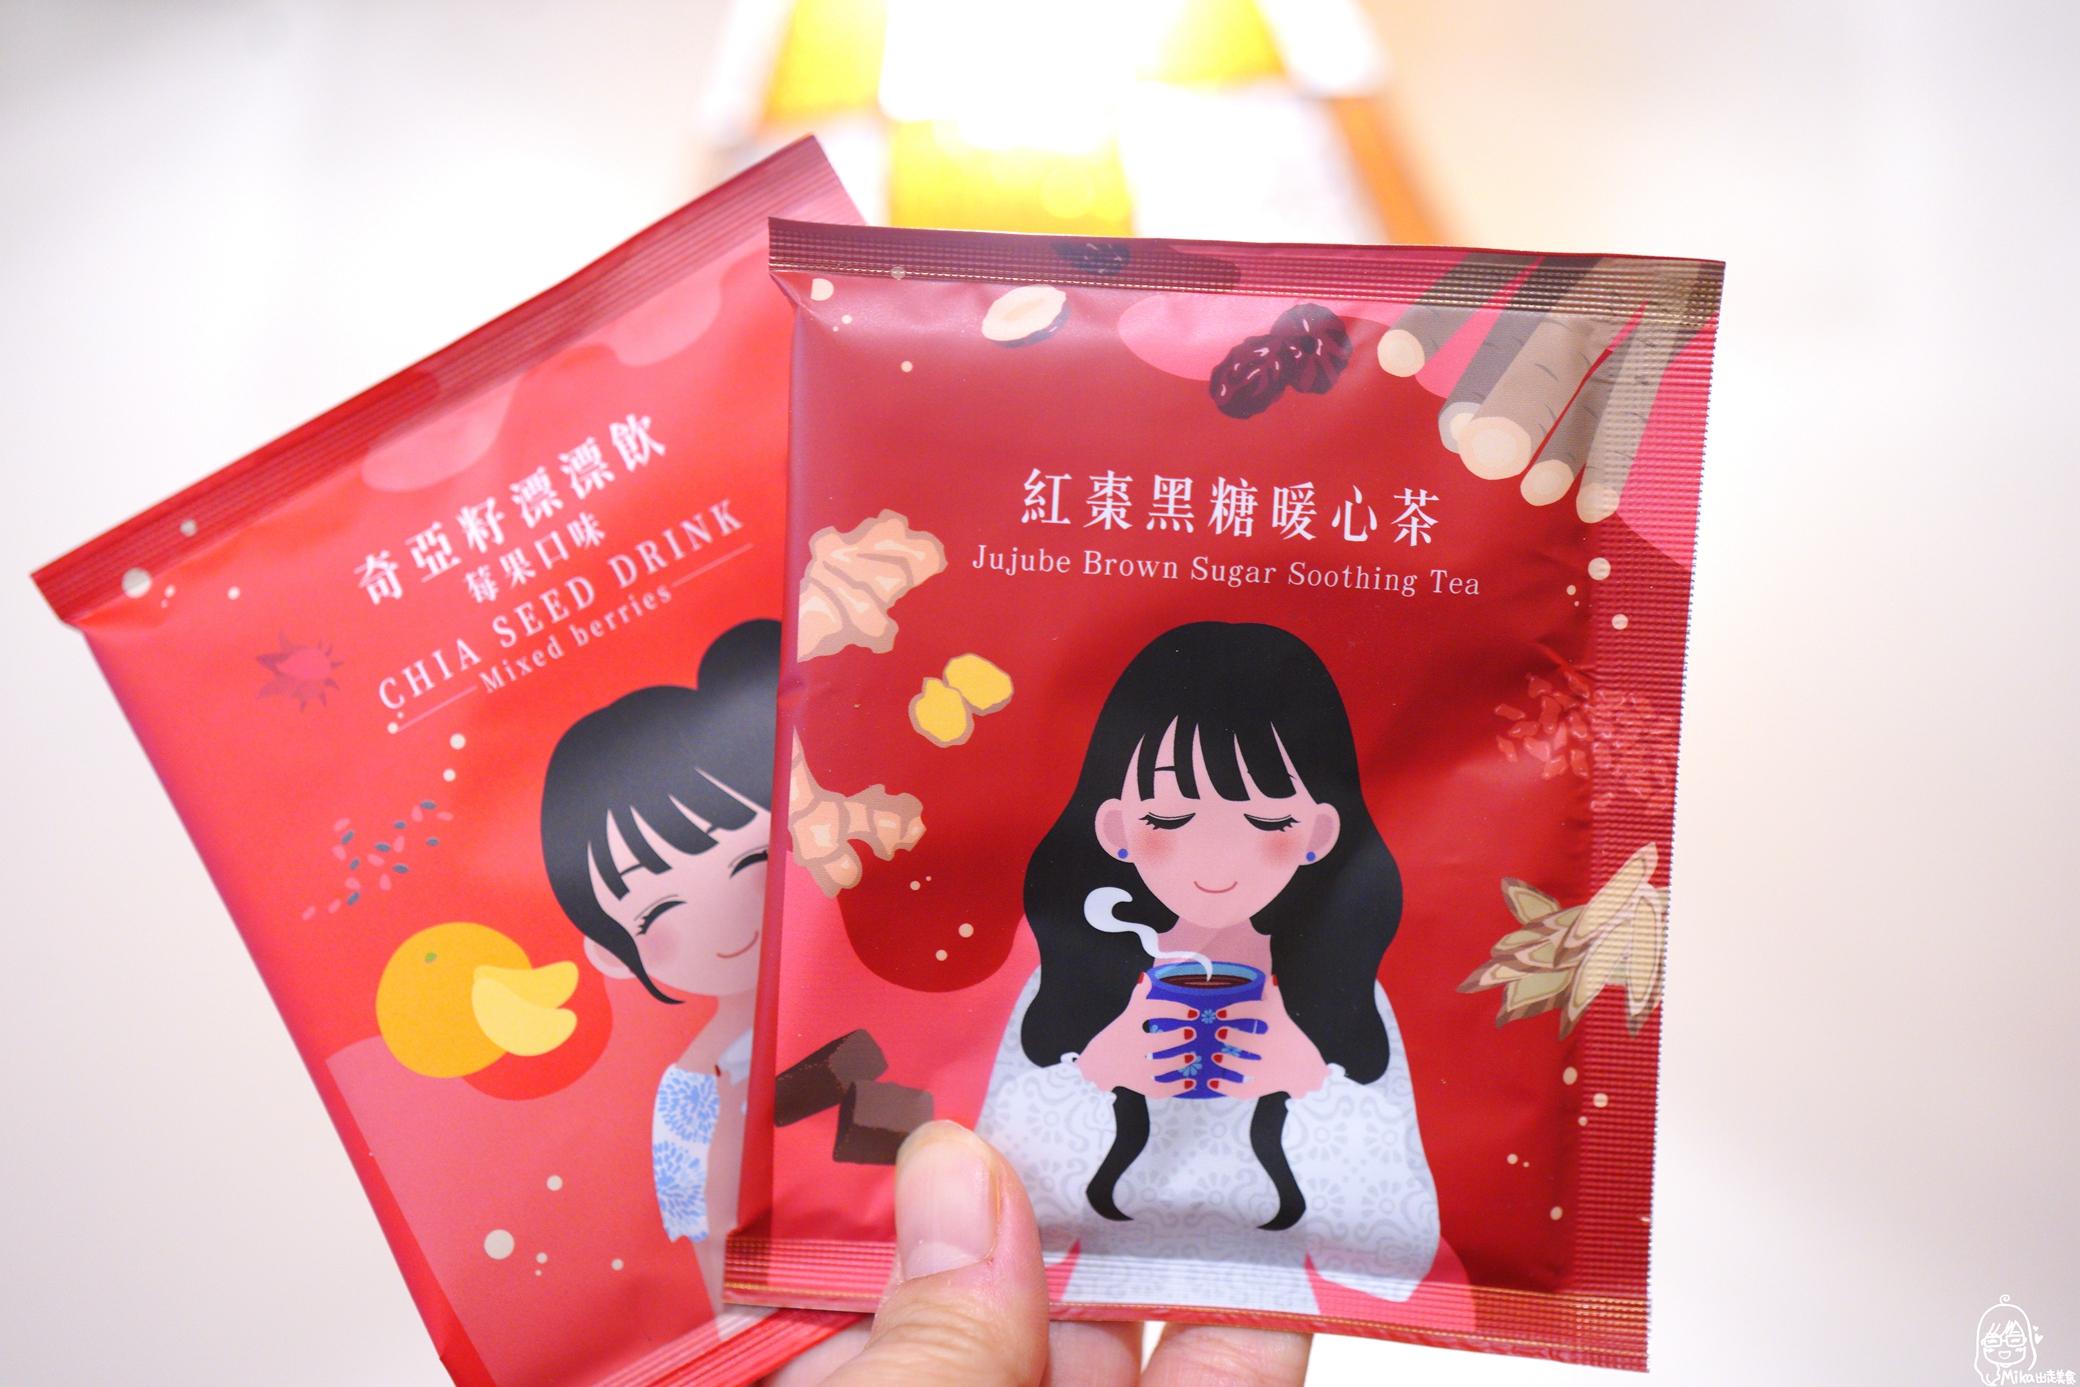 『宅配。美食』 午茶夫人 天然健康草本茶|即沖即飲的美好午茶提案 奇亞籽漂漂飲X紅棗黑糖暖心茶 。